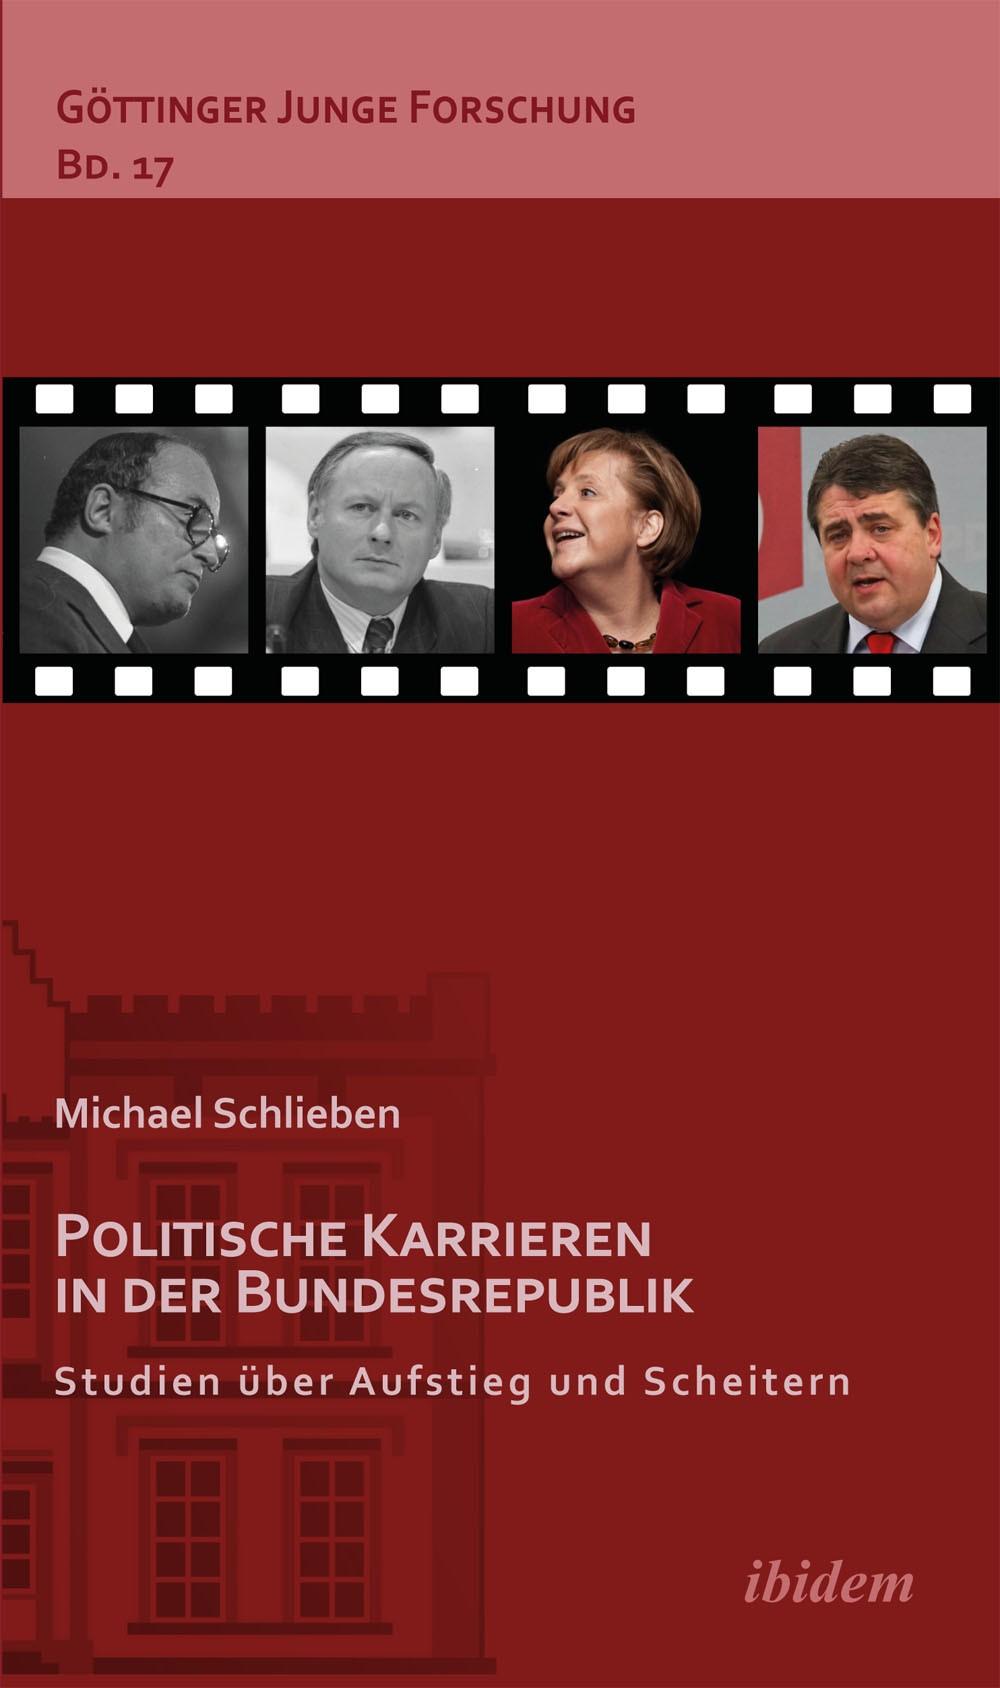 Politische Karrieren in der Bundesrepublik